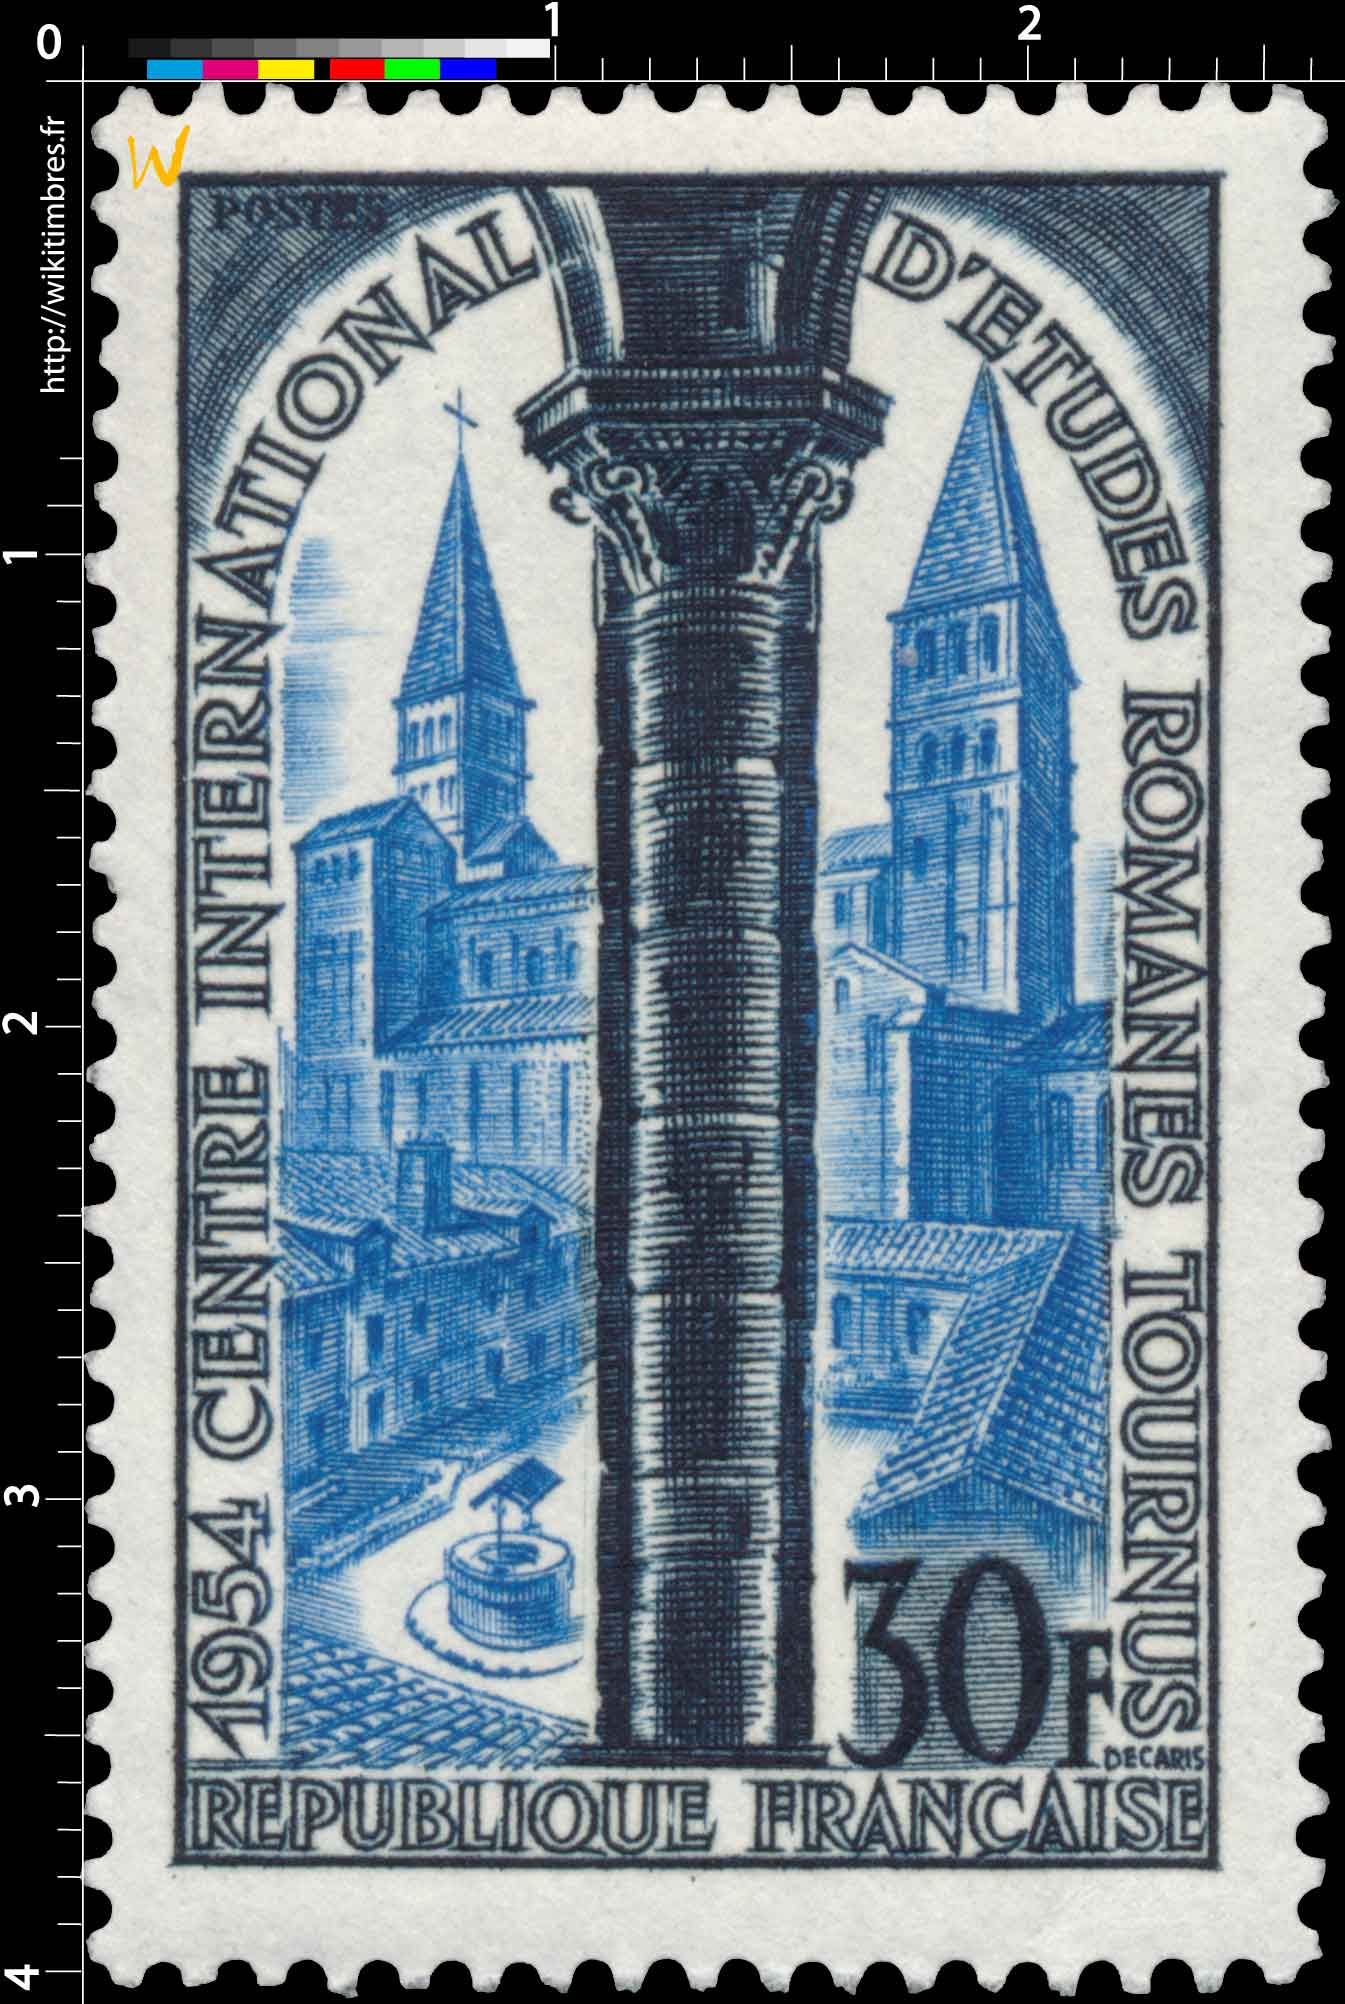 1954 CENTRE INTERNATIONAL D'ÉTUDES ROMANES TOURNUS